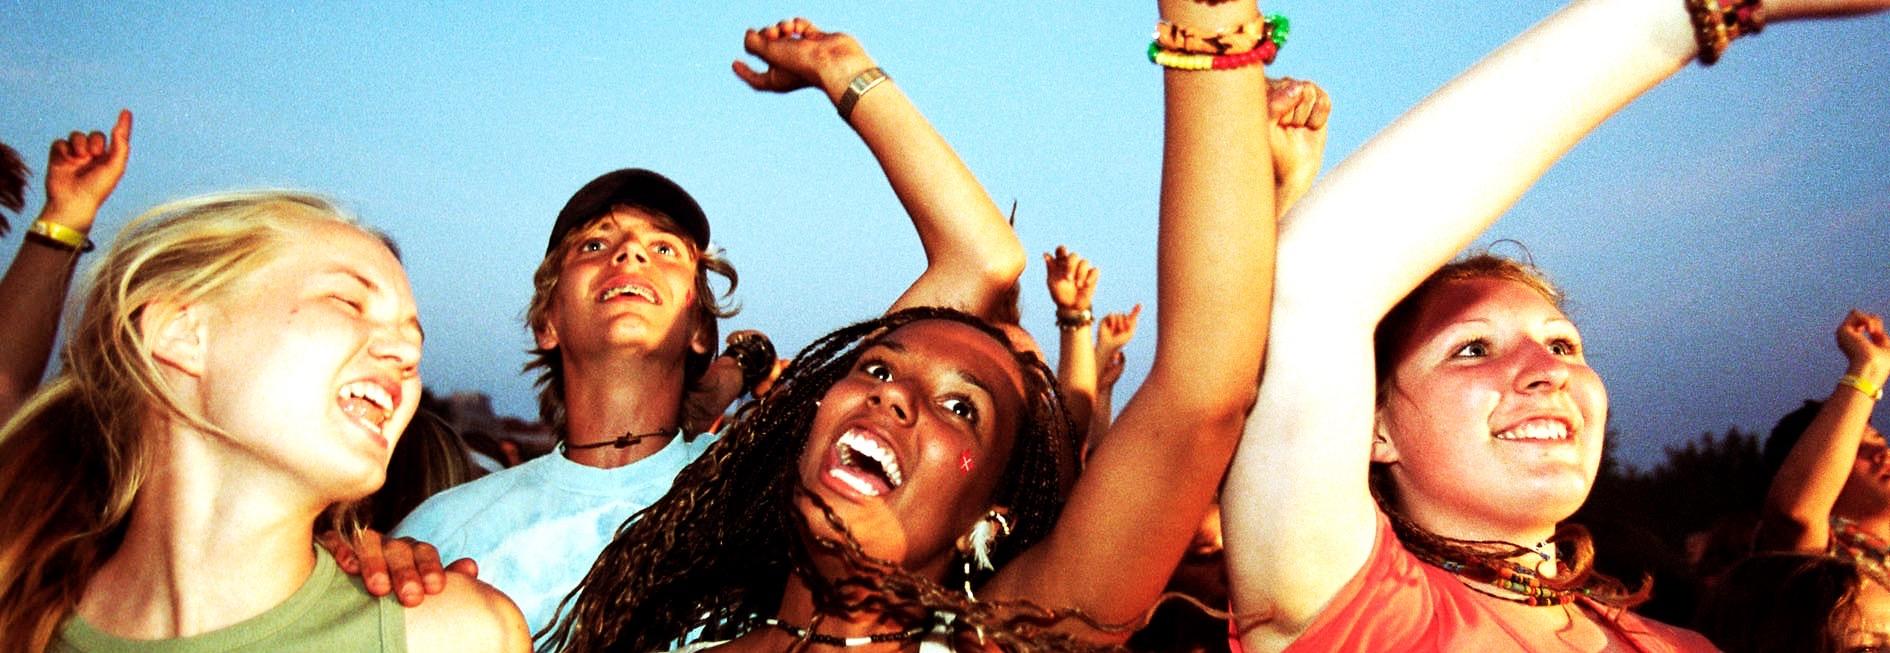 Nyhet! Nybörjargrupp i körsång för ungdomar startar i höst